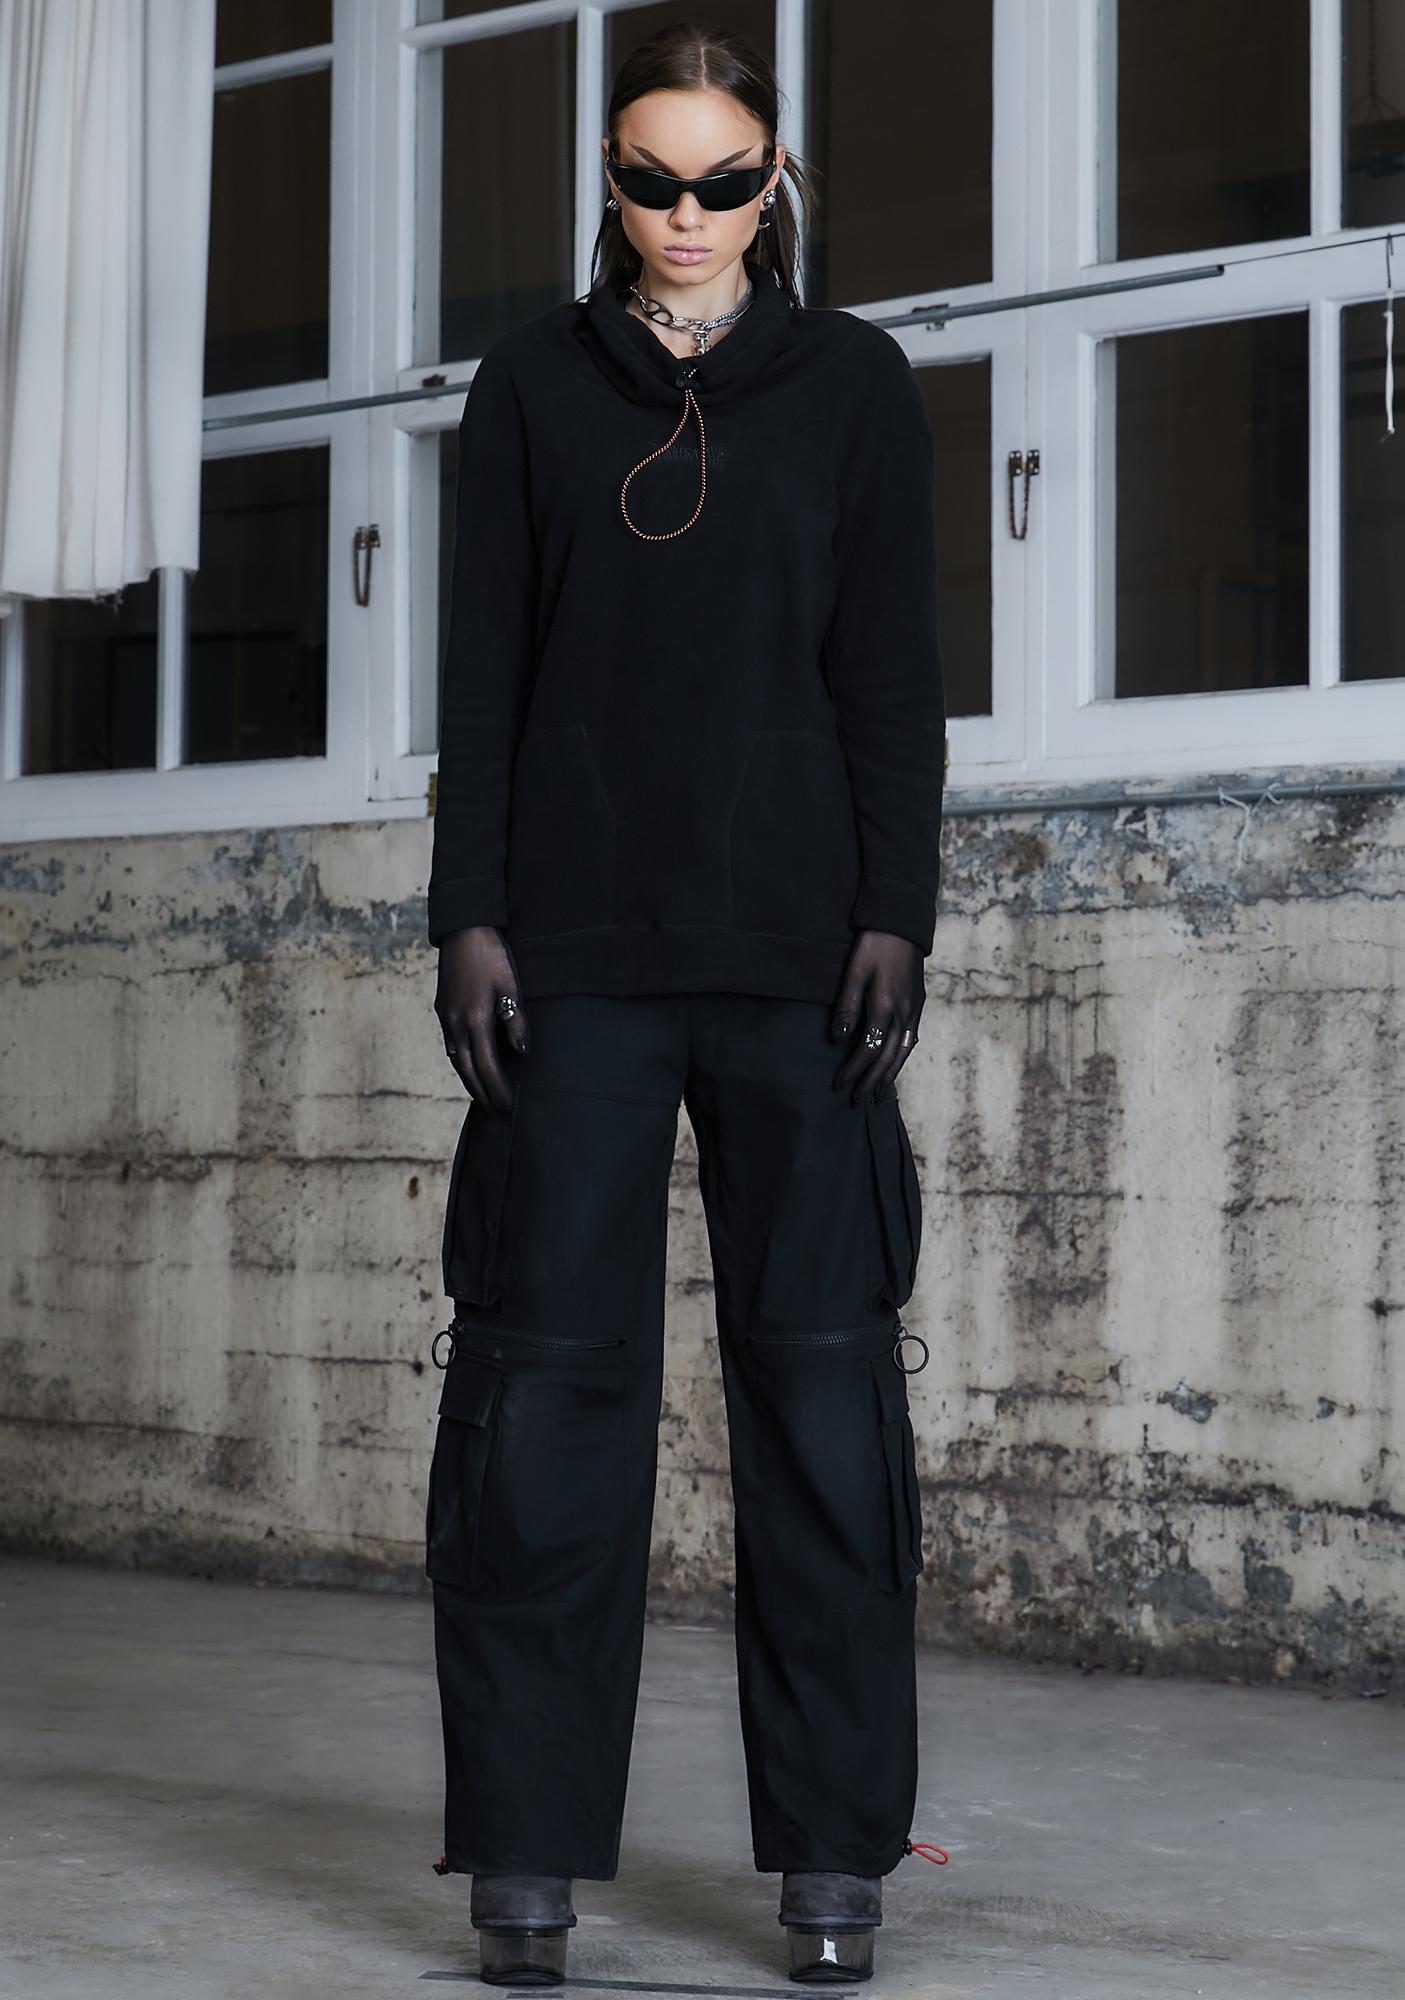 DARKER WAVS Kickdrum Fleece Long Sleeve Top